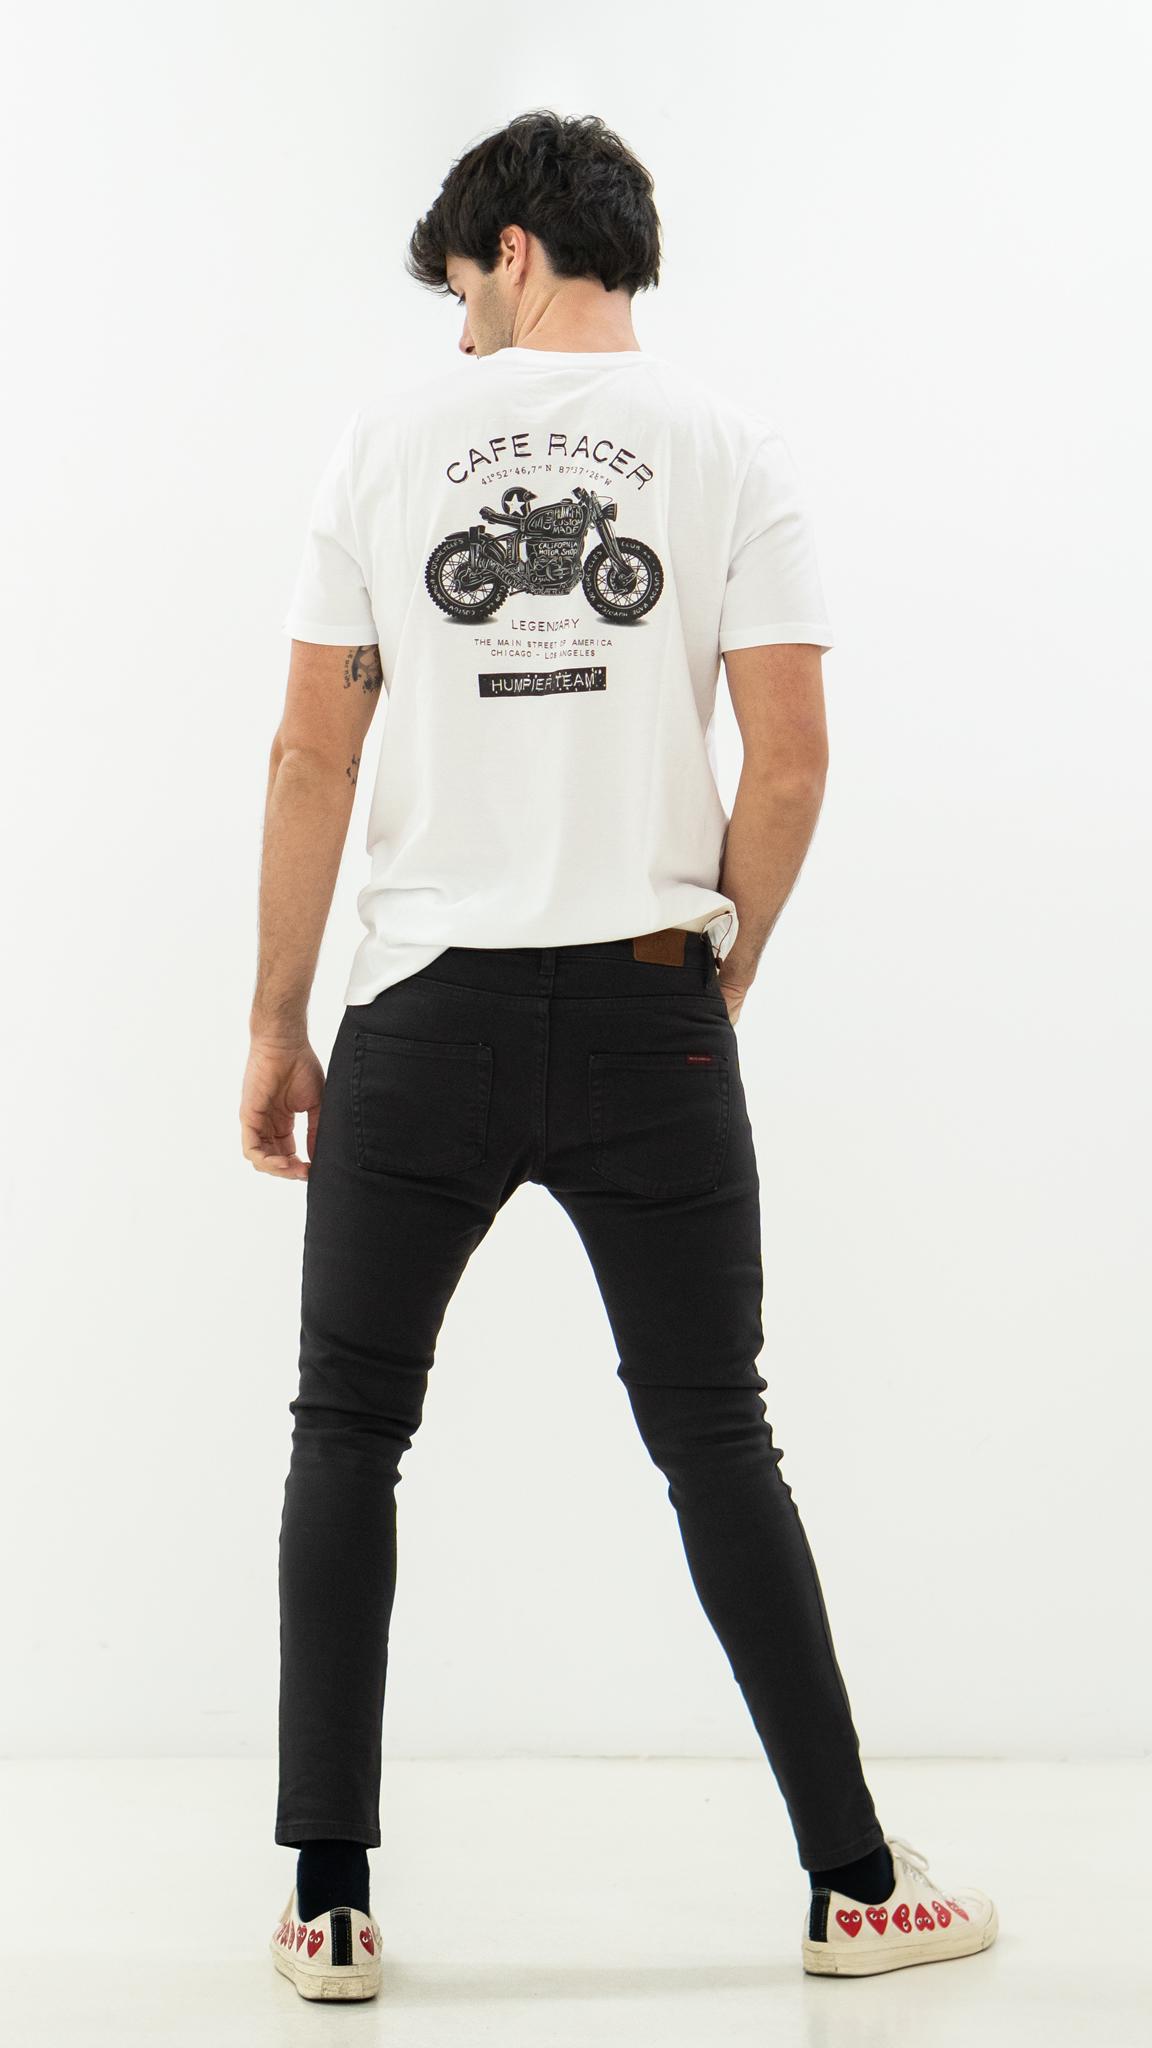 Camiseta Cafe Racer Blanca | Humpier | Edición limitada